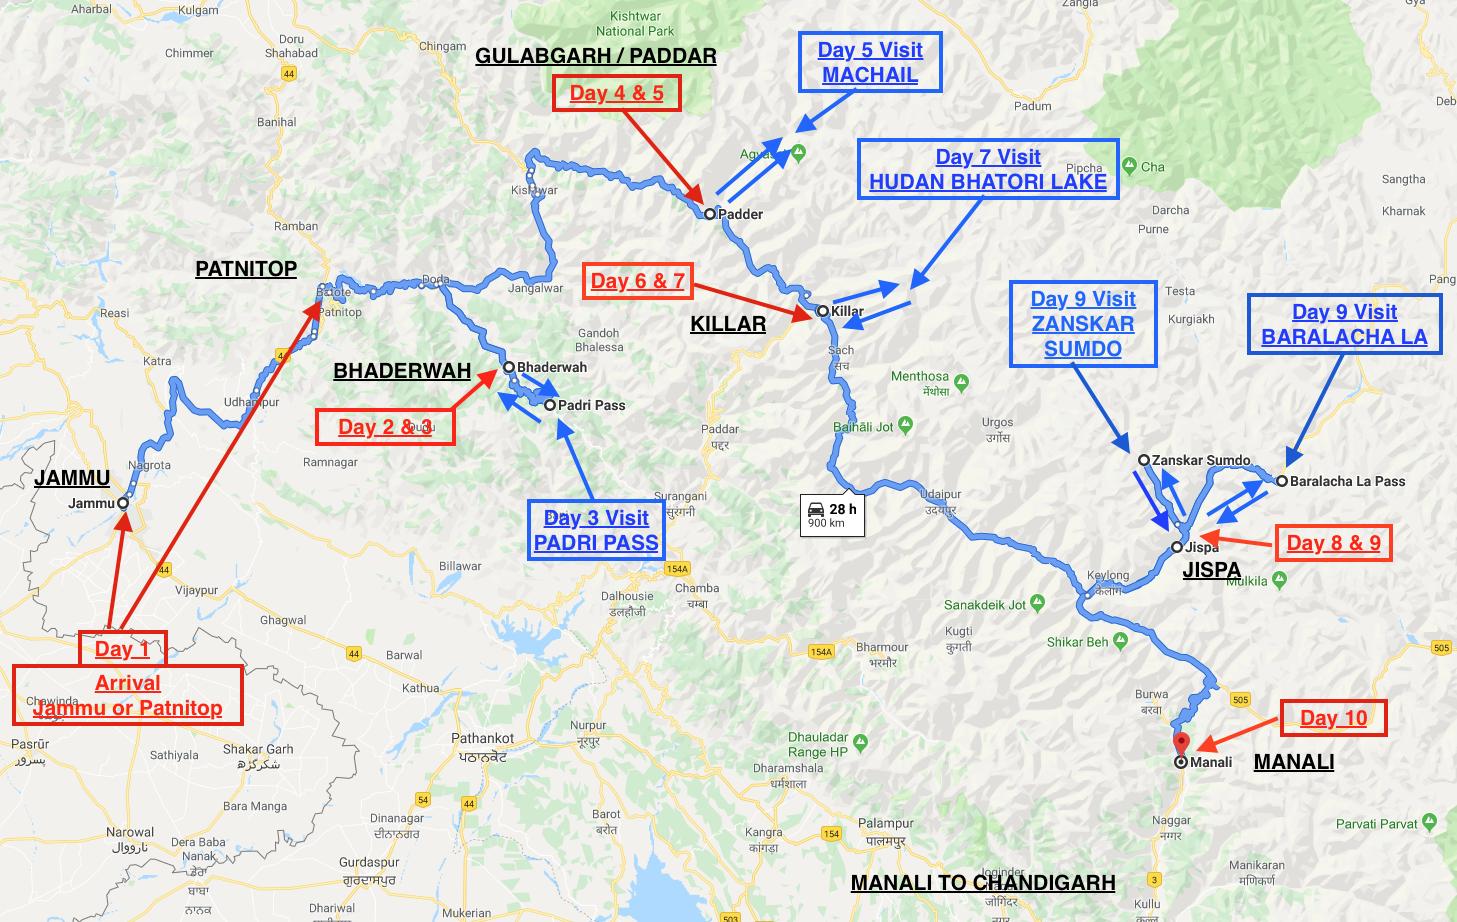 KIKI 2020 ROAD TRIP MACHAIL.png